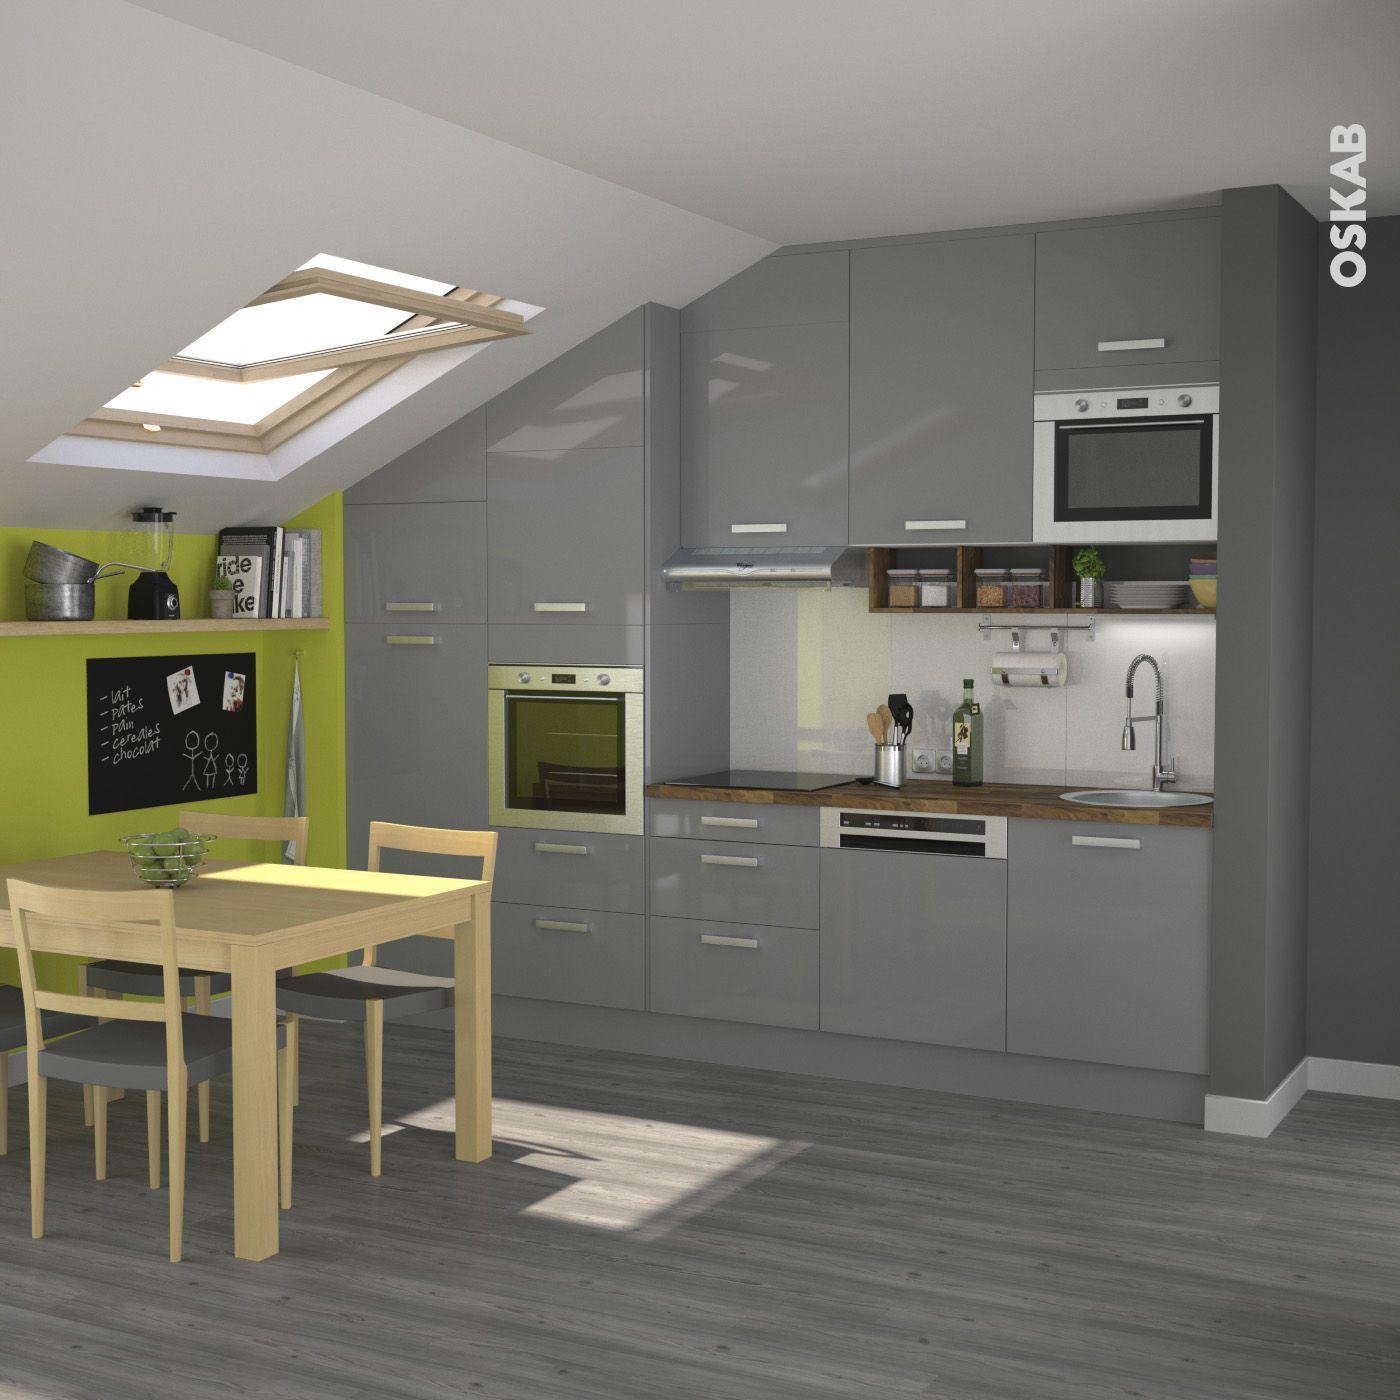 Cuisine rustique grise au style r tro meubles gris et brillants mur vert vif parquet en bois - Meuble plan travail cuisine ...